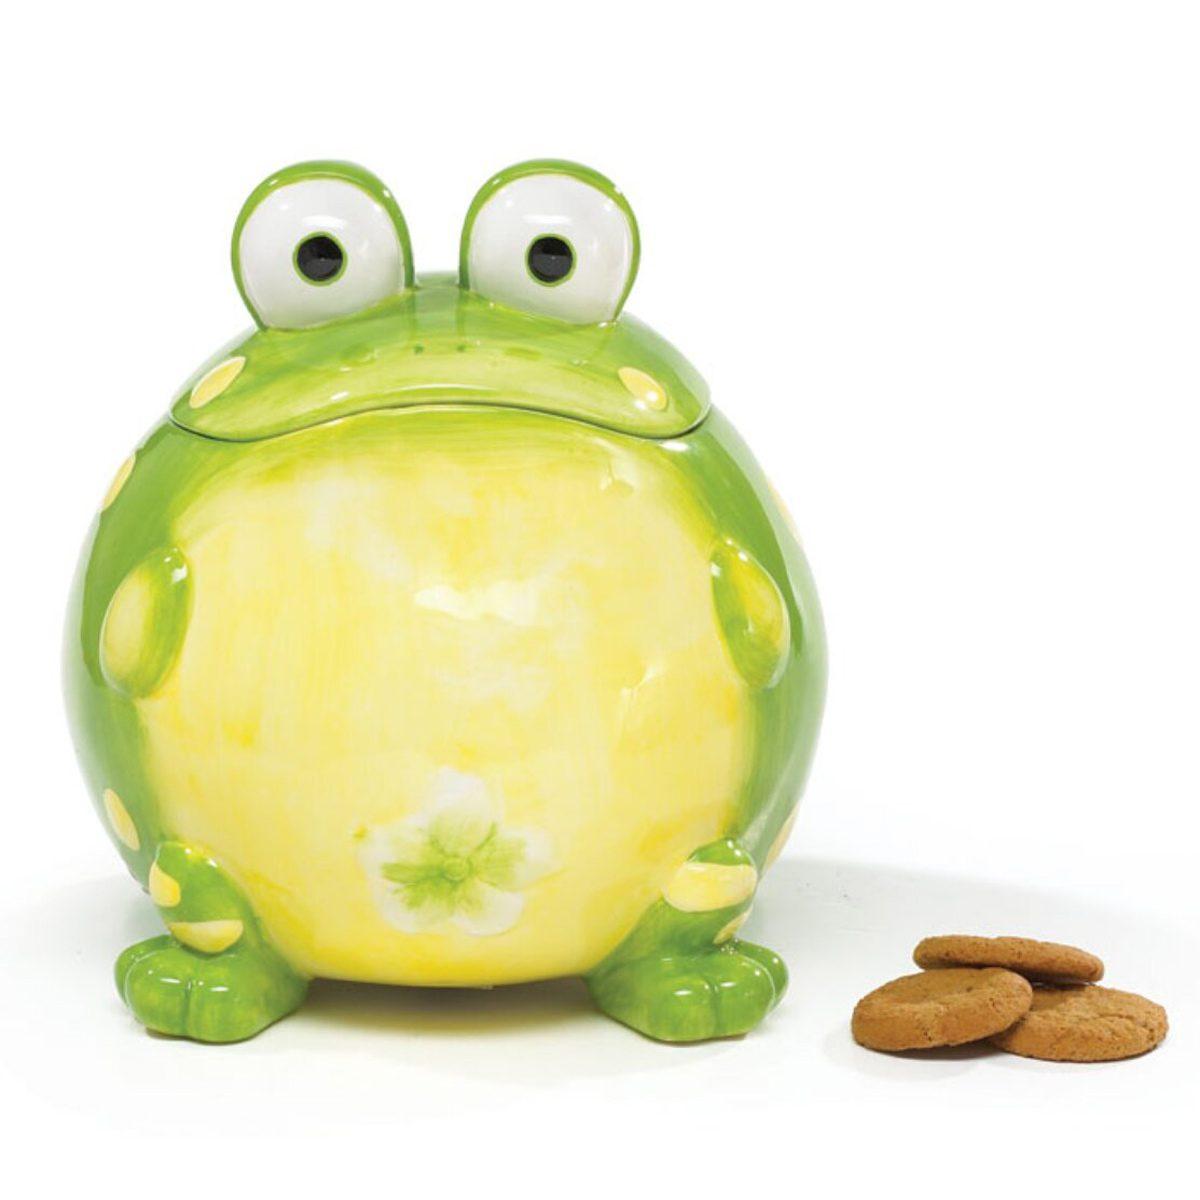 toad cookie jar Ceramic+toby+toad+105.8+qt.+cookie+jar